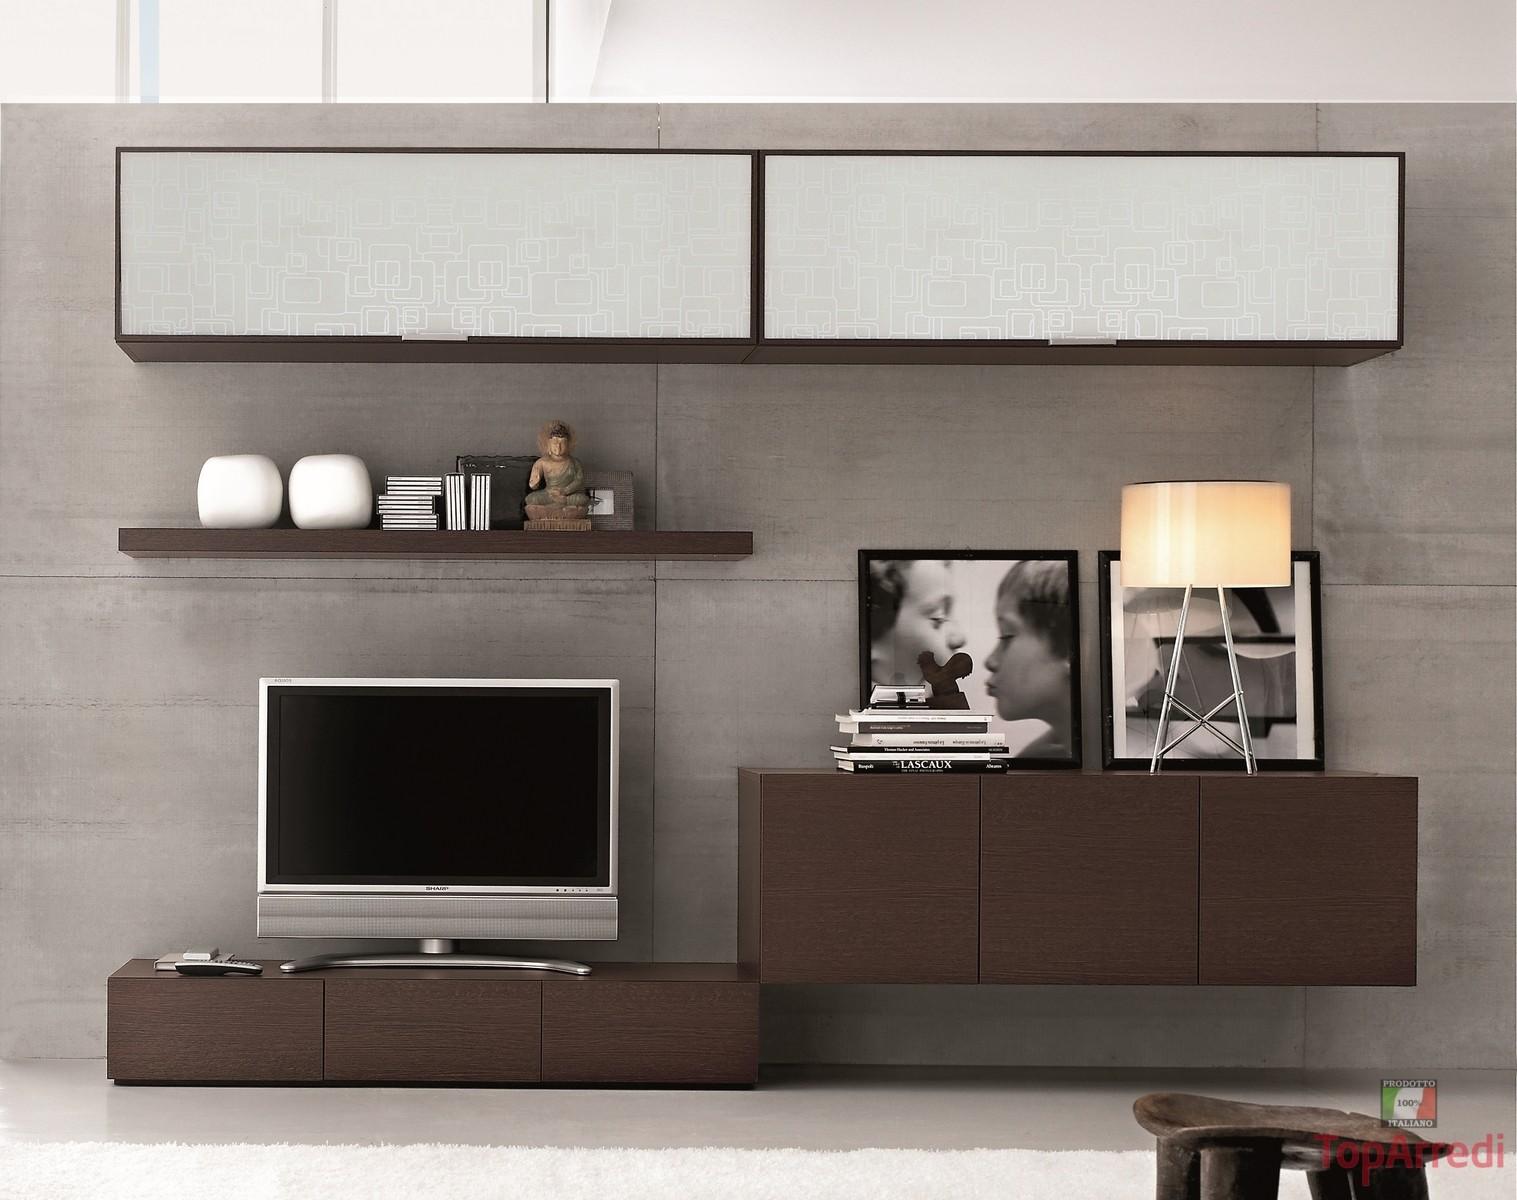 Arredamento e mobili online: Come arredare soggiorni moderni di piccole dimensioni.